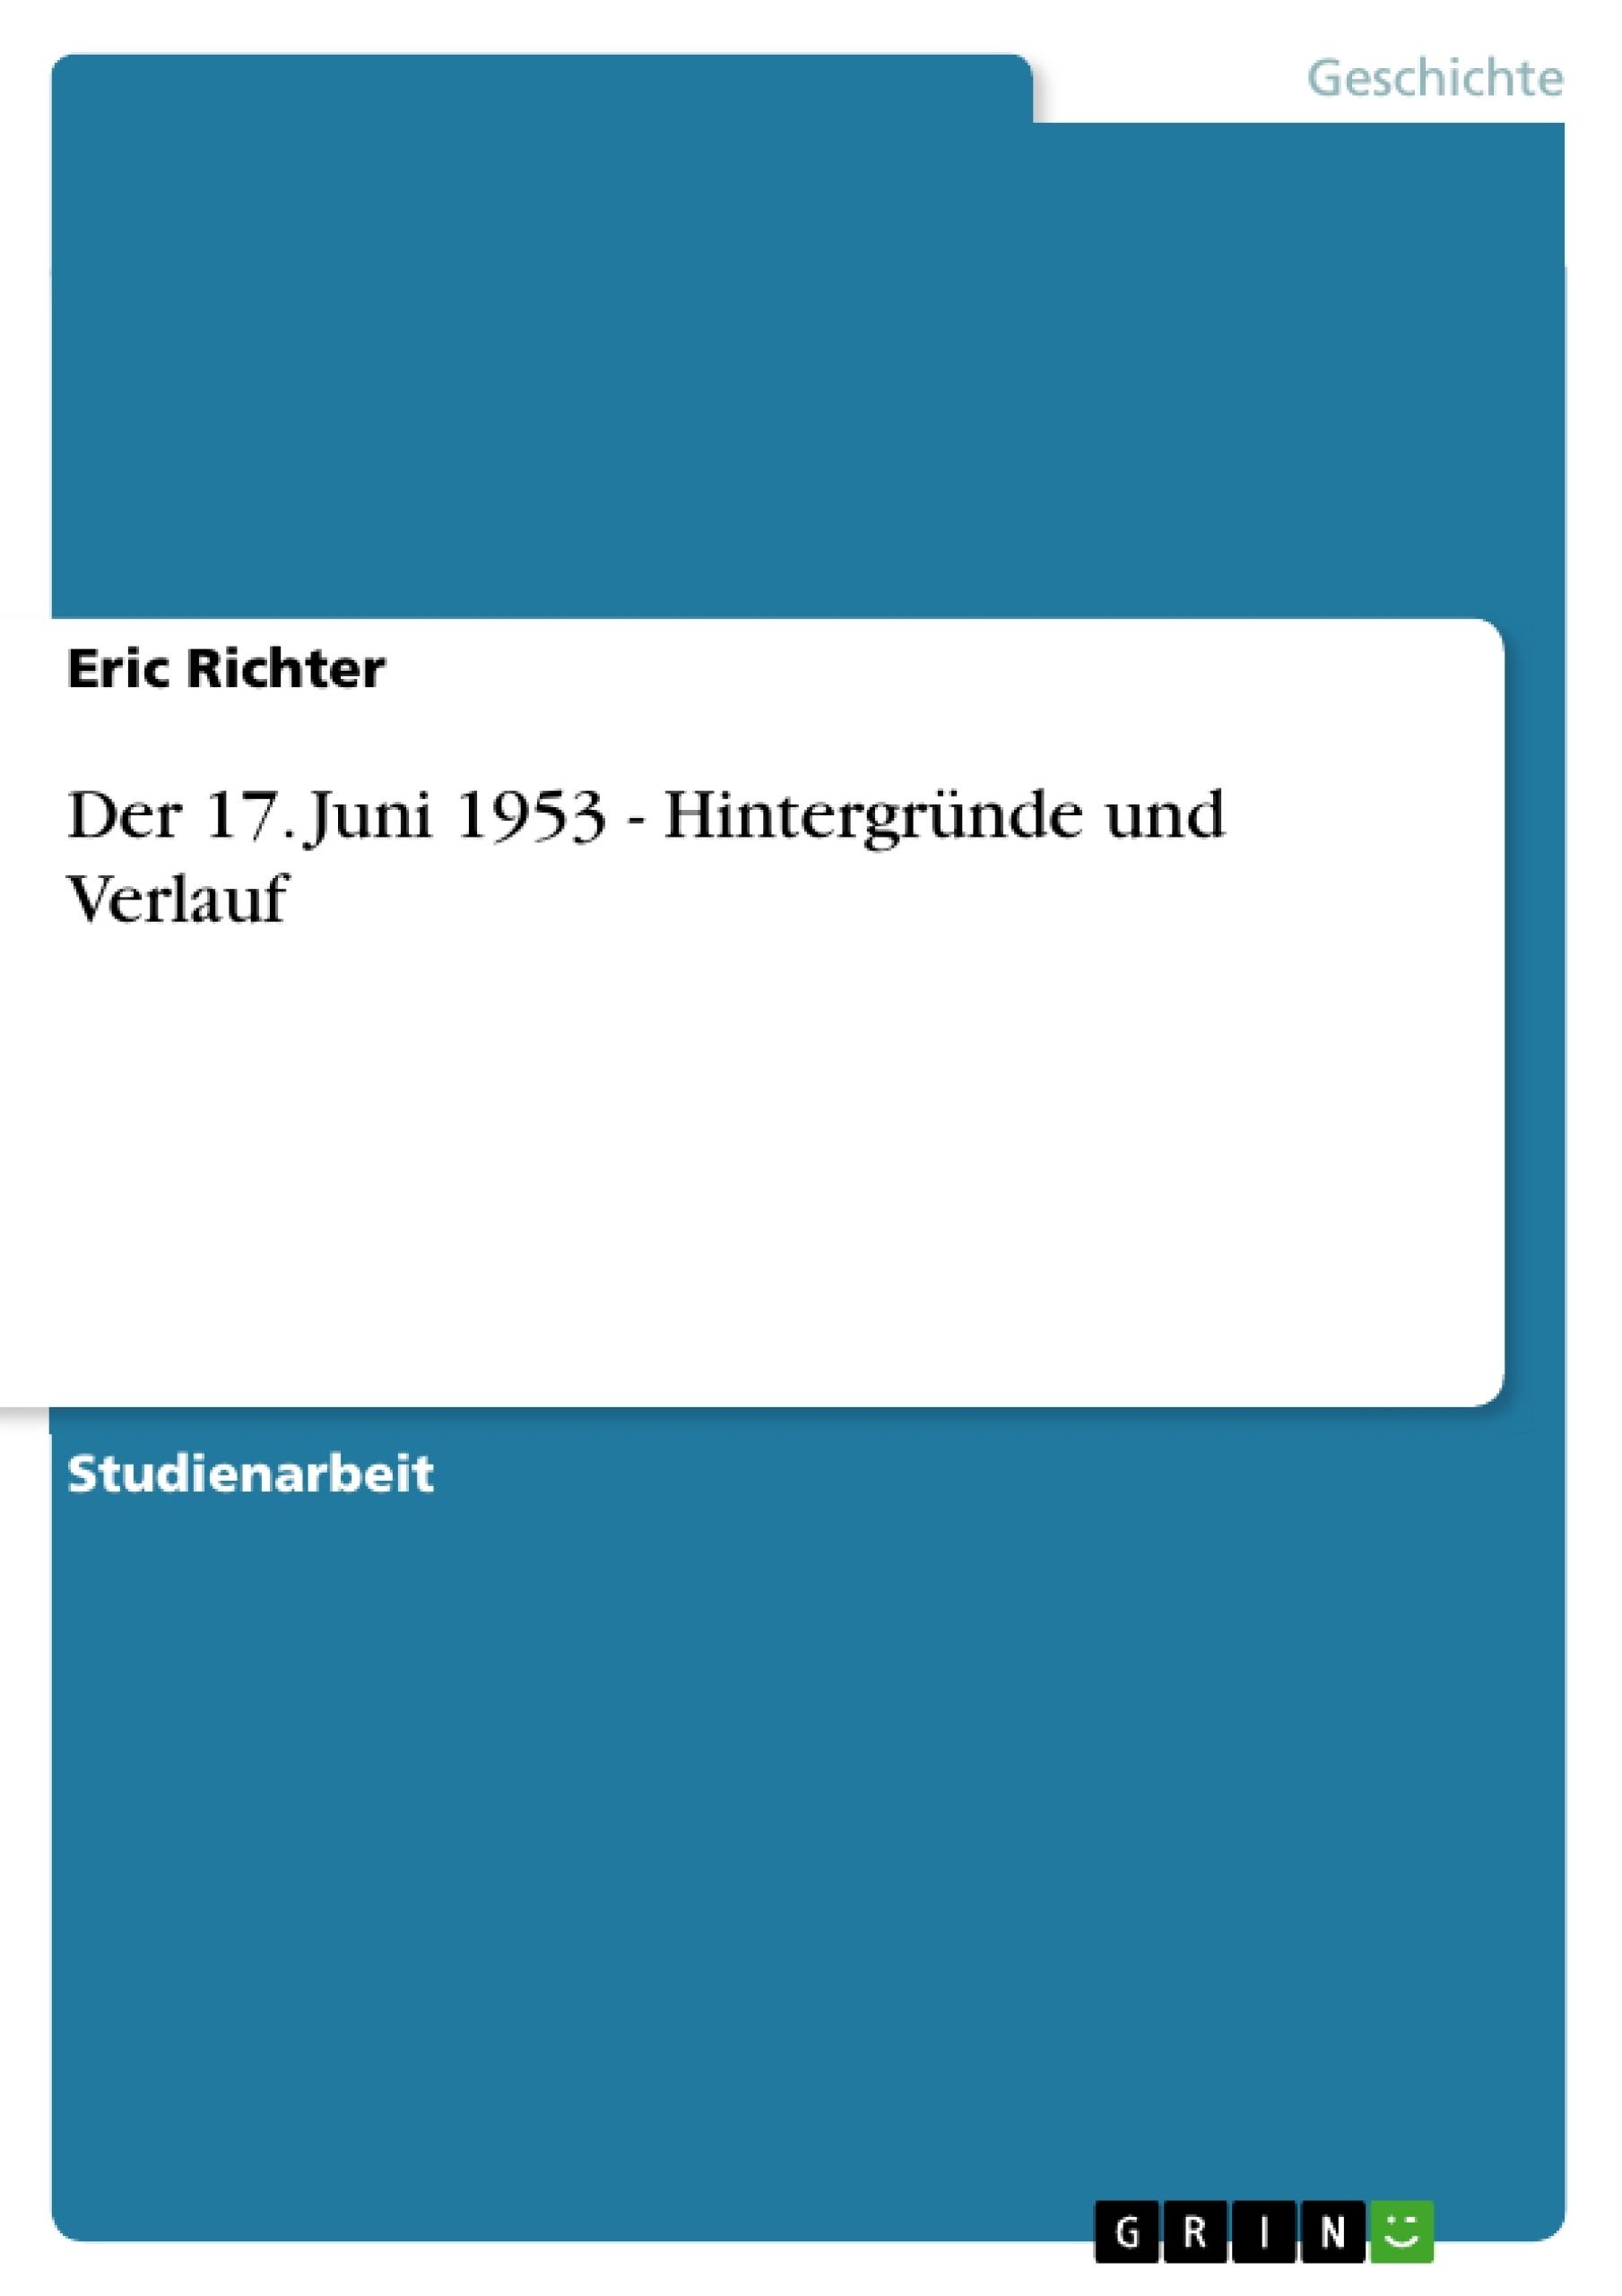 Titel: Der 17. Juni 1953 - Hintergründe und Verlauf